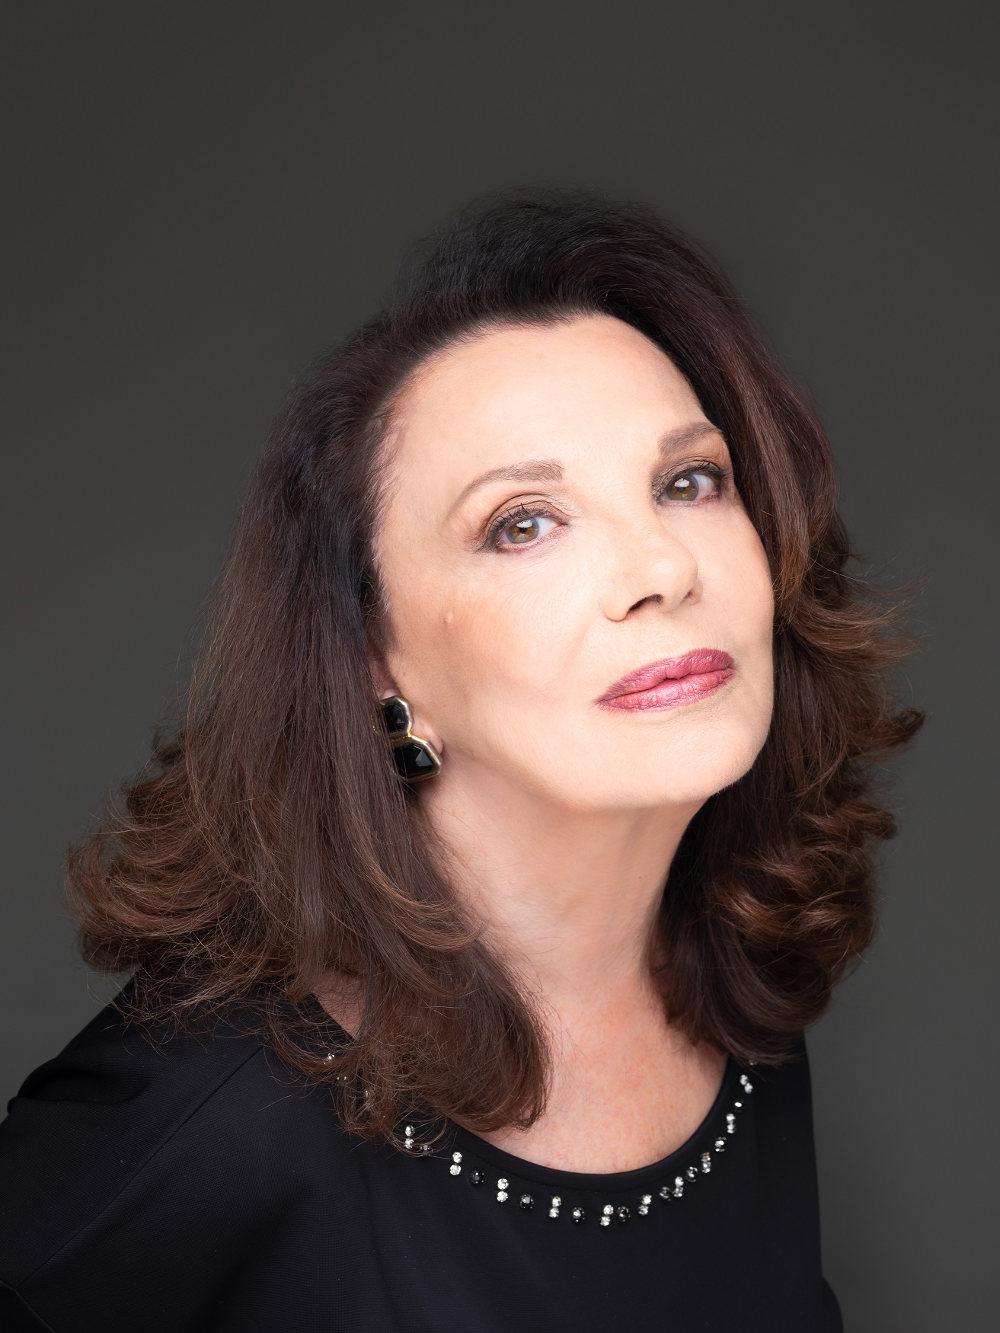 Η Μπέττυ Λιβανού στον ρόλο της Αντιγόνης Δούκα στη σειρά «Έρωτας Μετά»